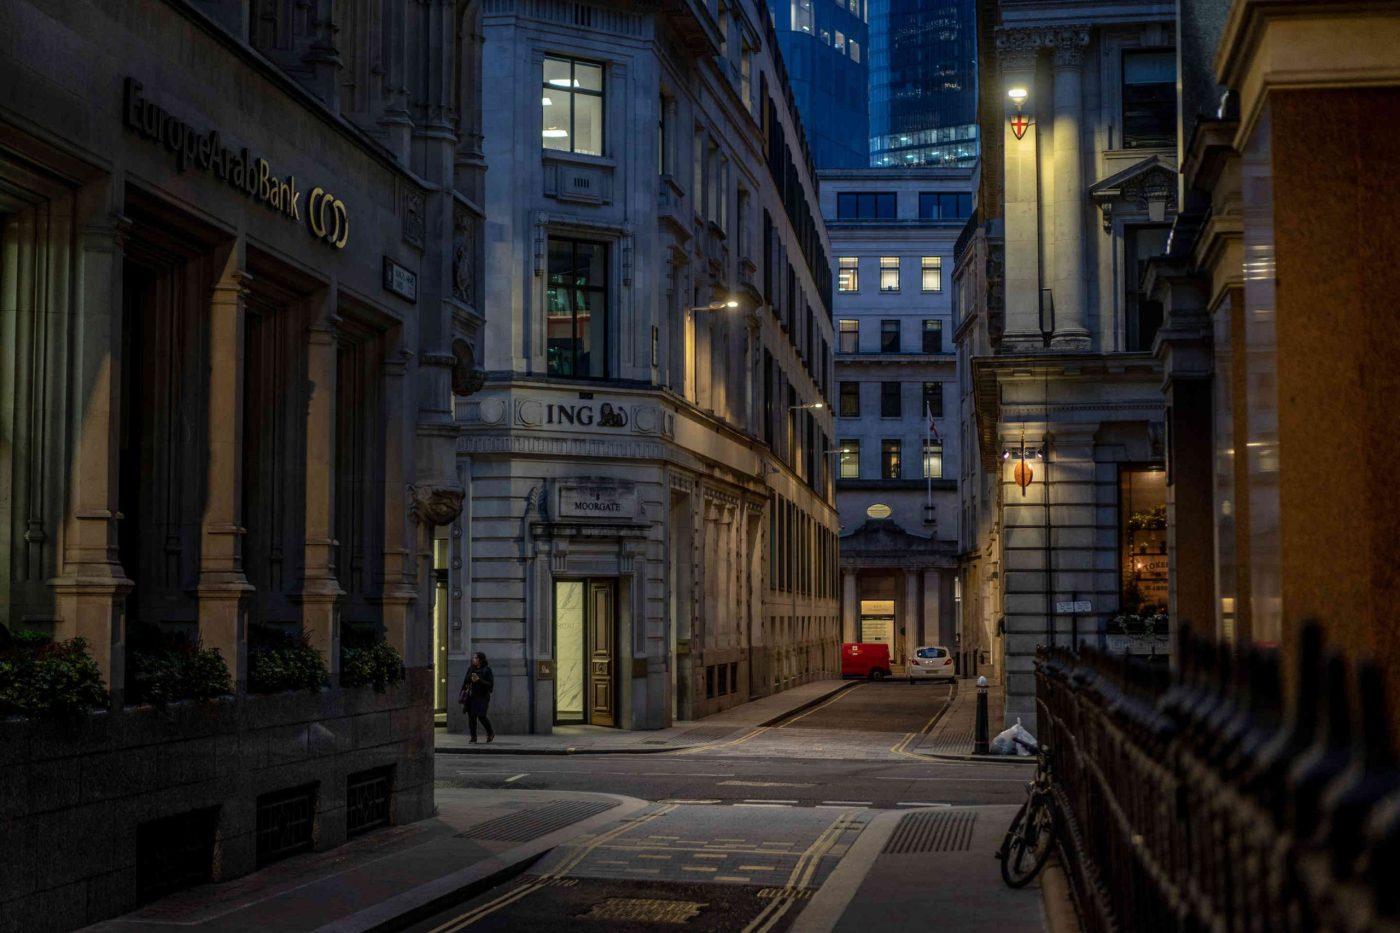 New York Times ciudades vacias por cuarentena (4)